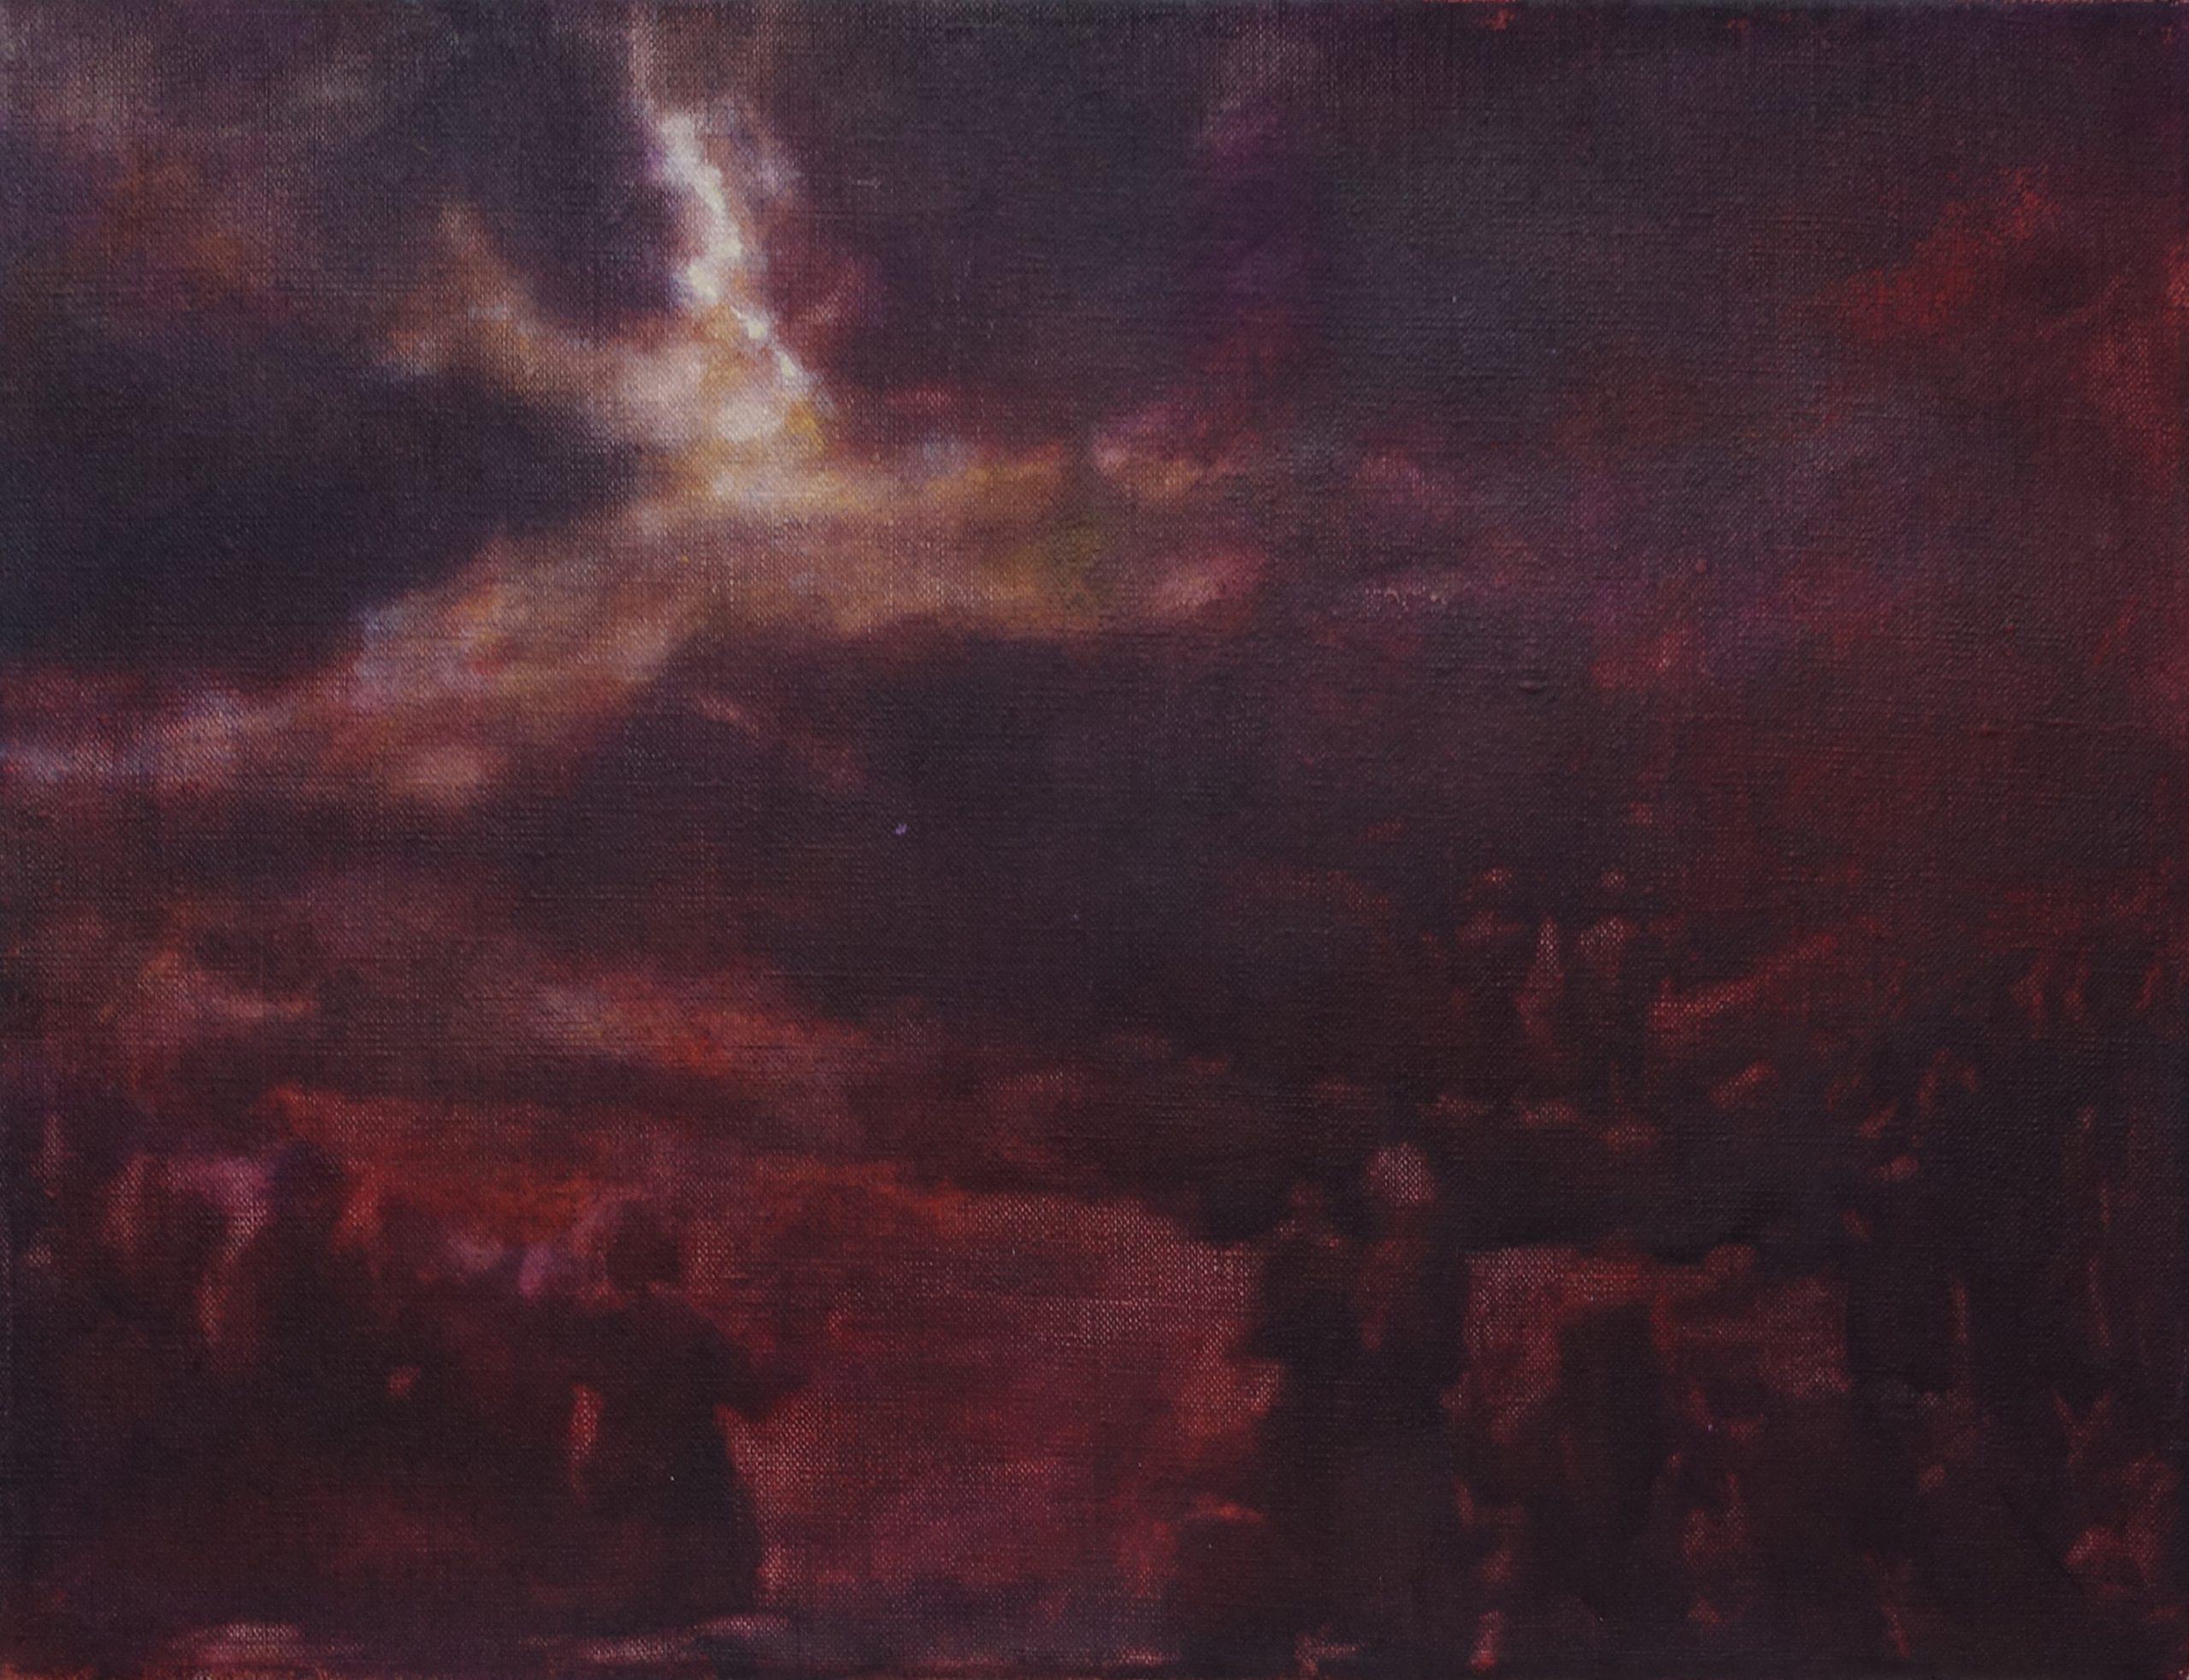 Hopeful - oil on canvas - Luc Cappaert - 2021